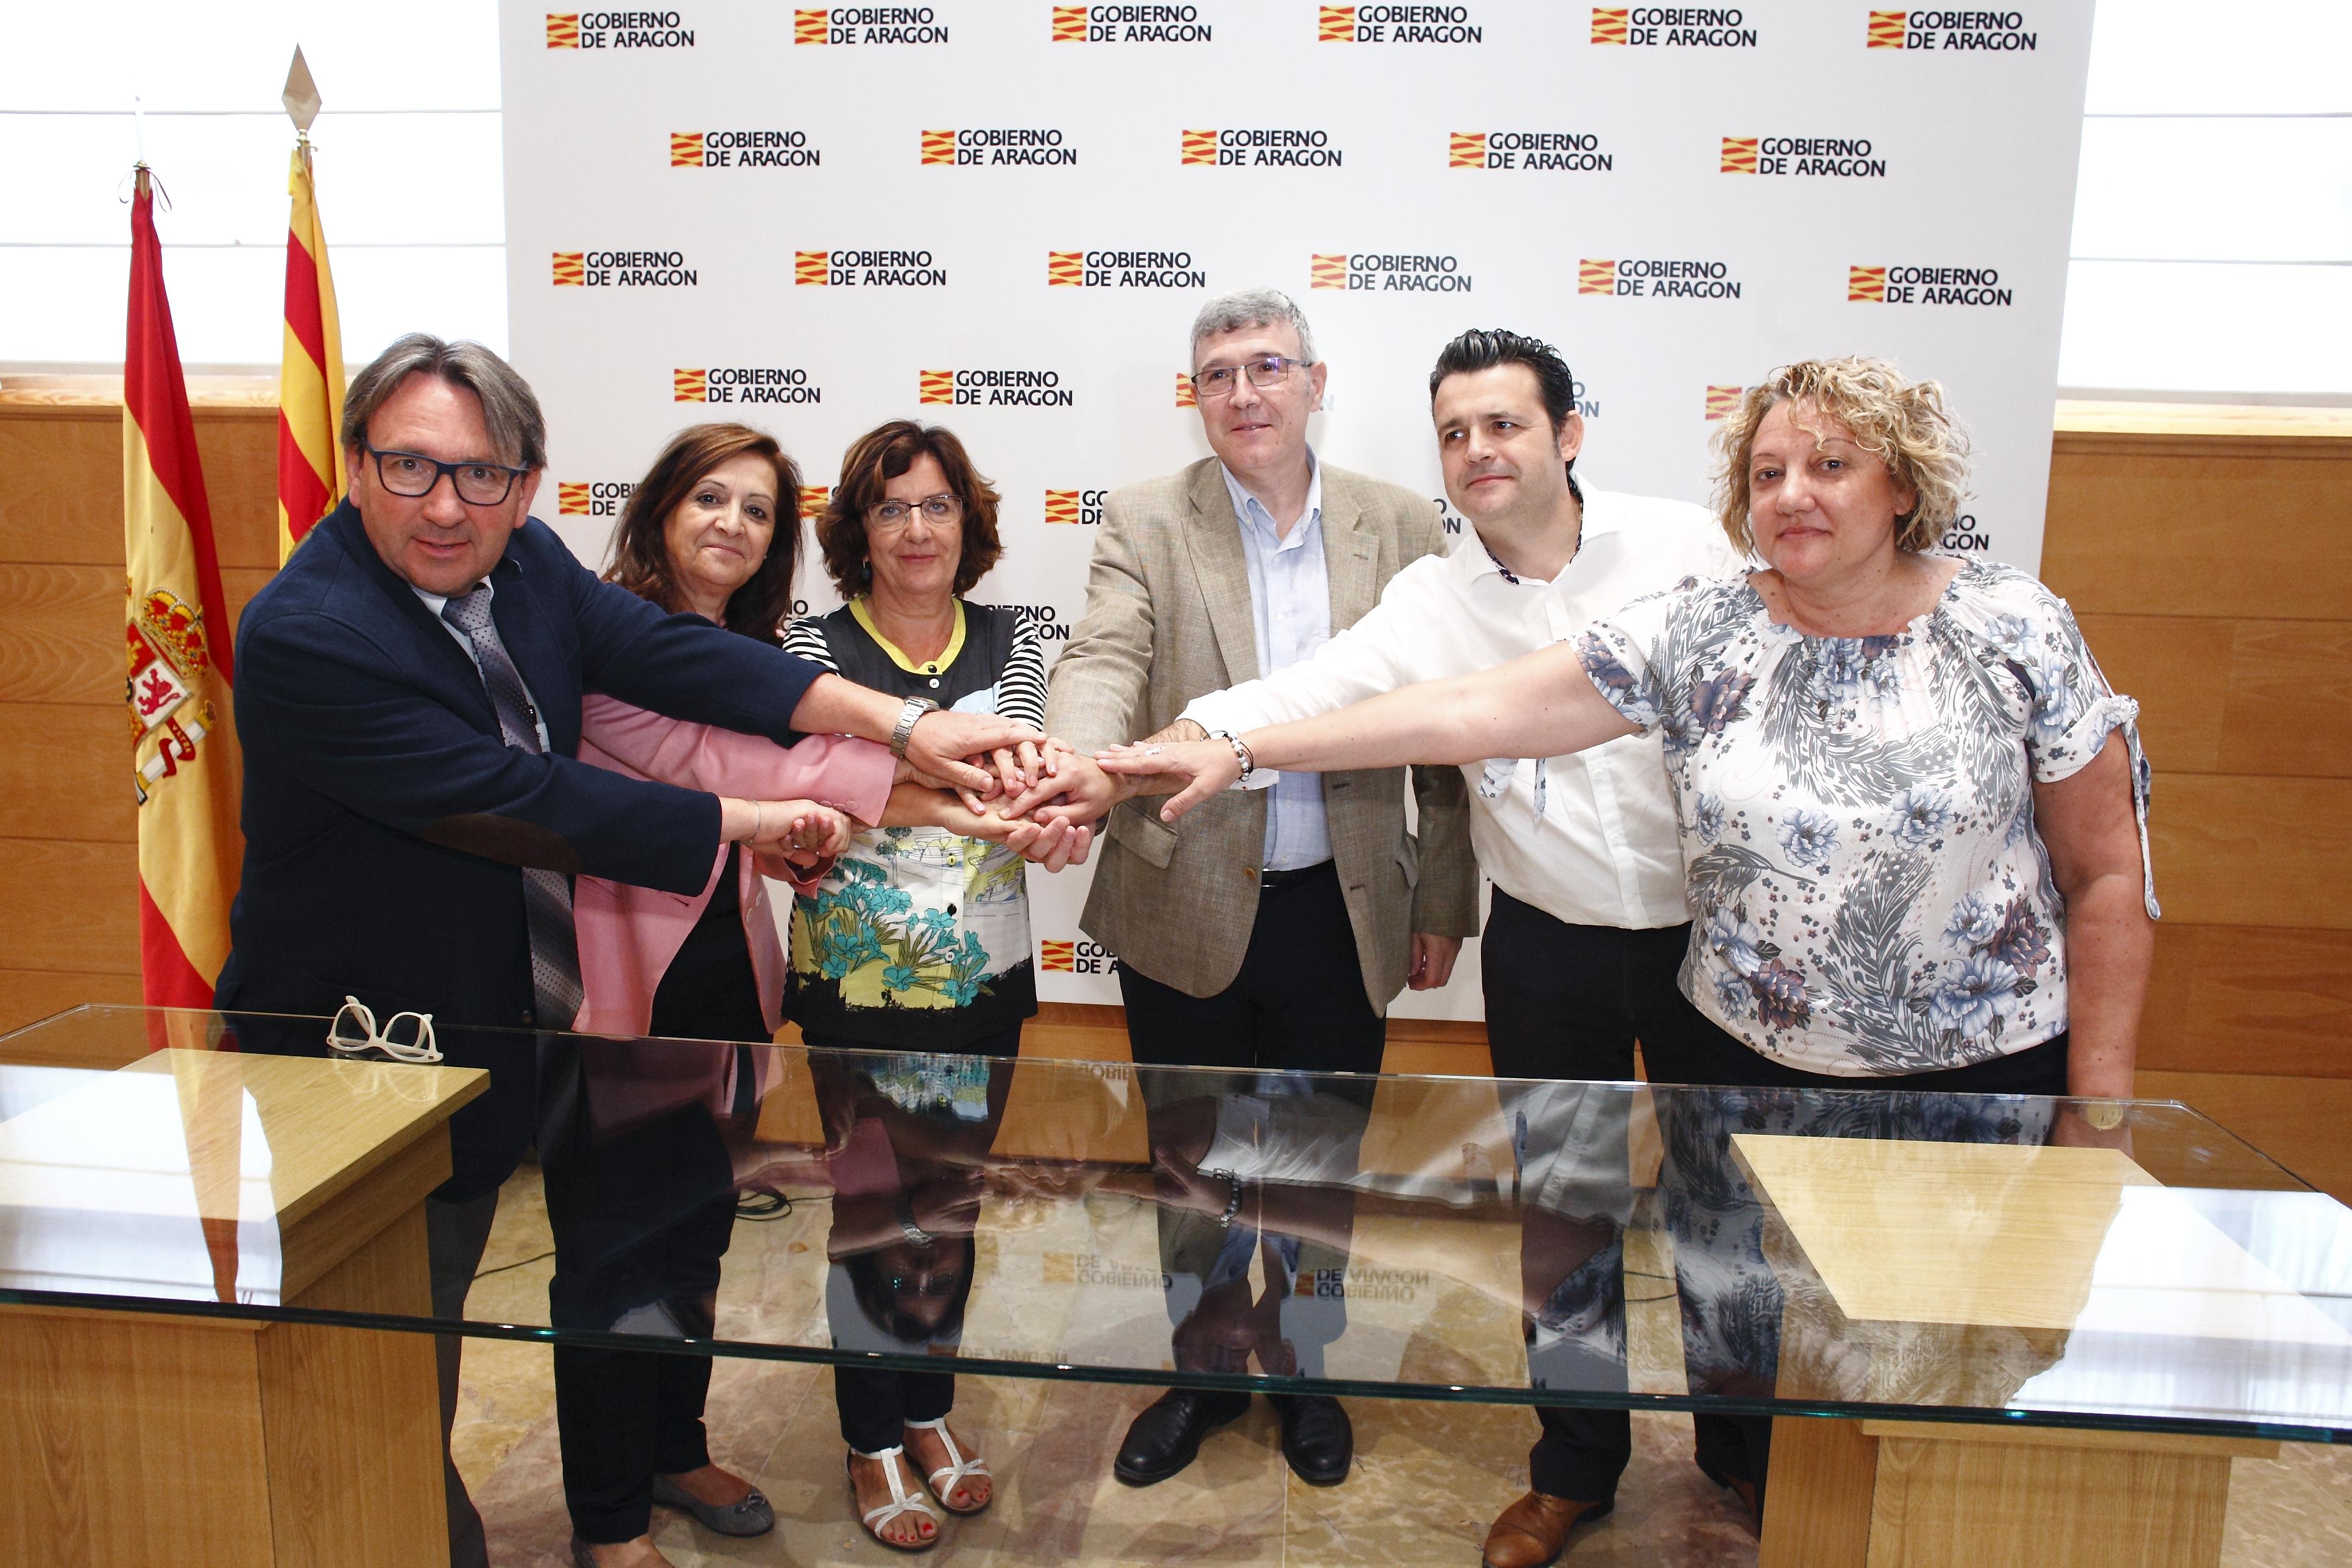 El Gobierno de Aragón ha firmado el convenio con la FAMCP y las asociaciones de residencias.